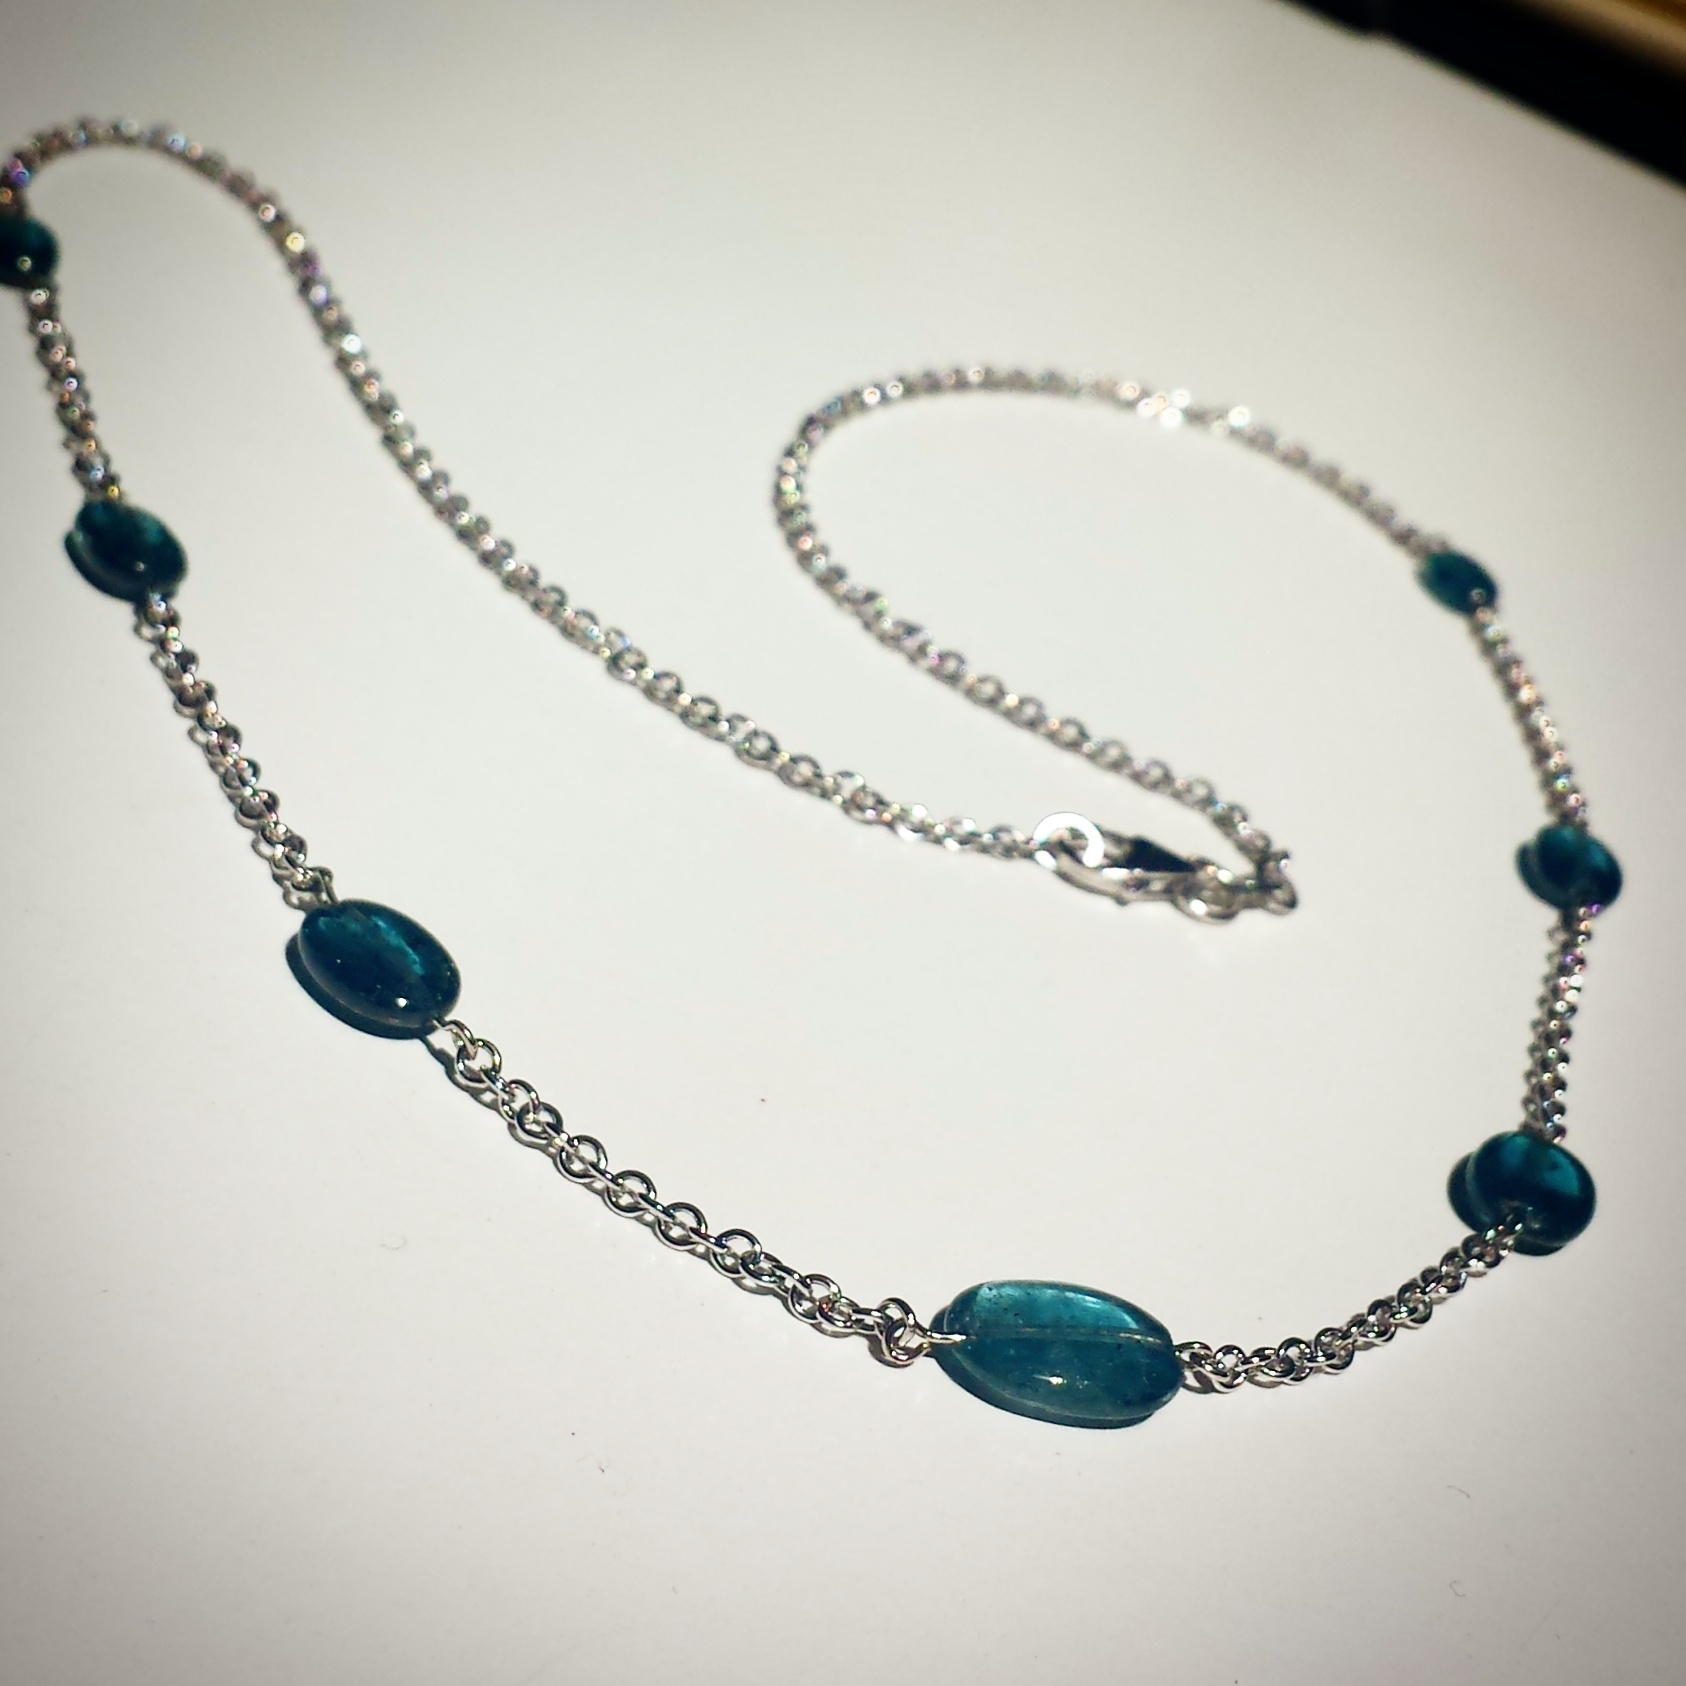 jewelry - necklace 1